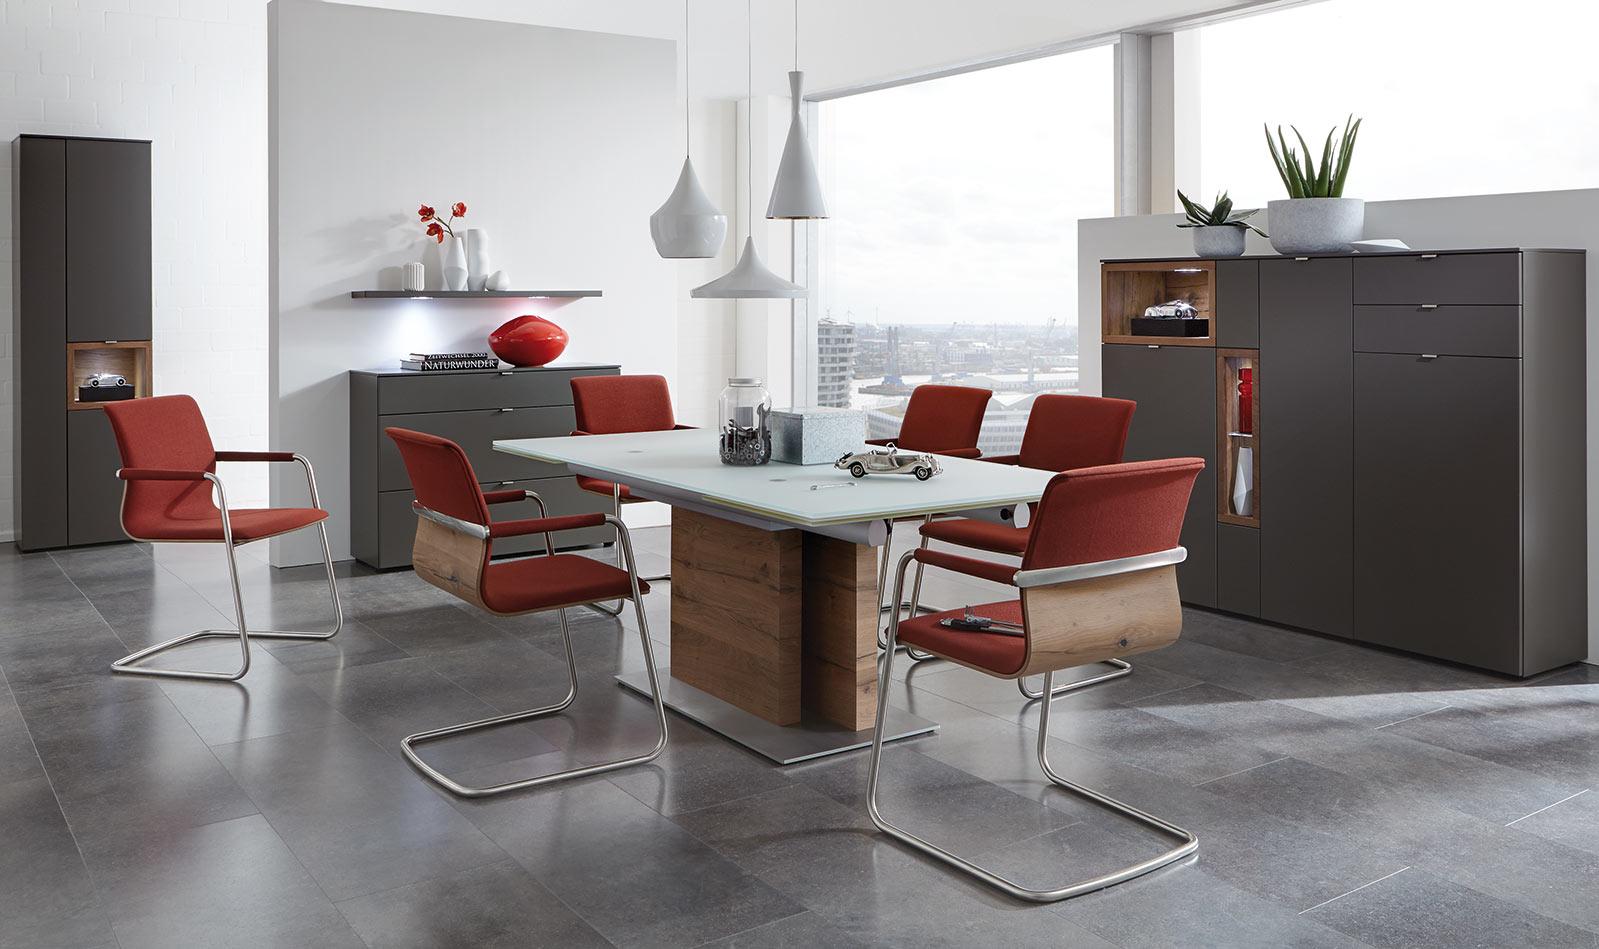 Venjakob Impuls Esszimmer Kreative Ideen F R Design Und Wohnm Bel